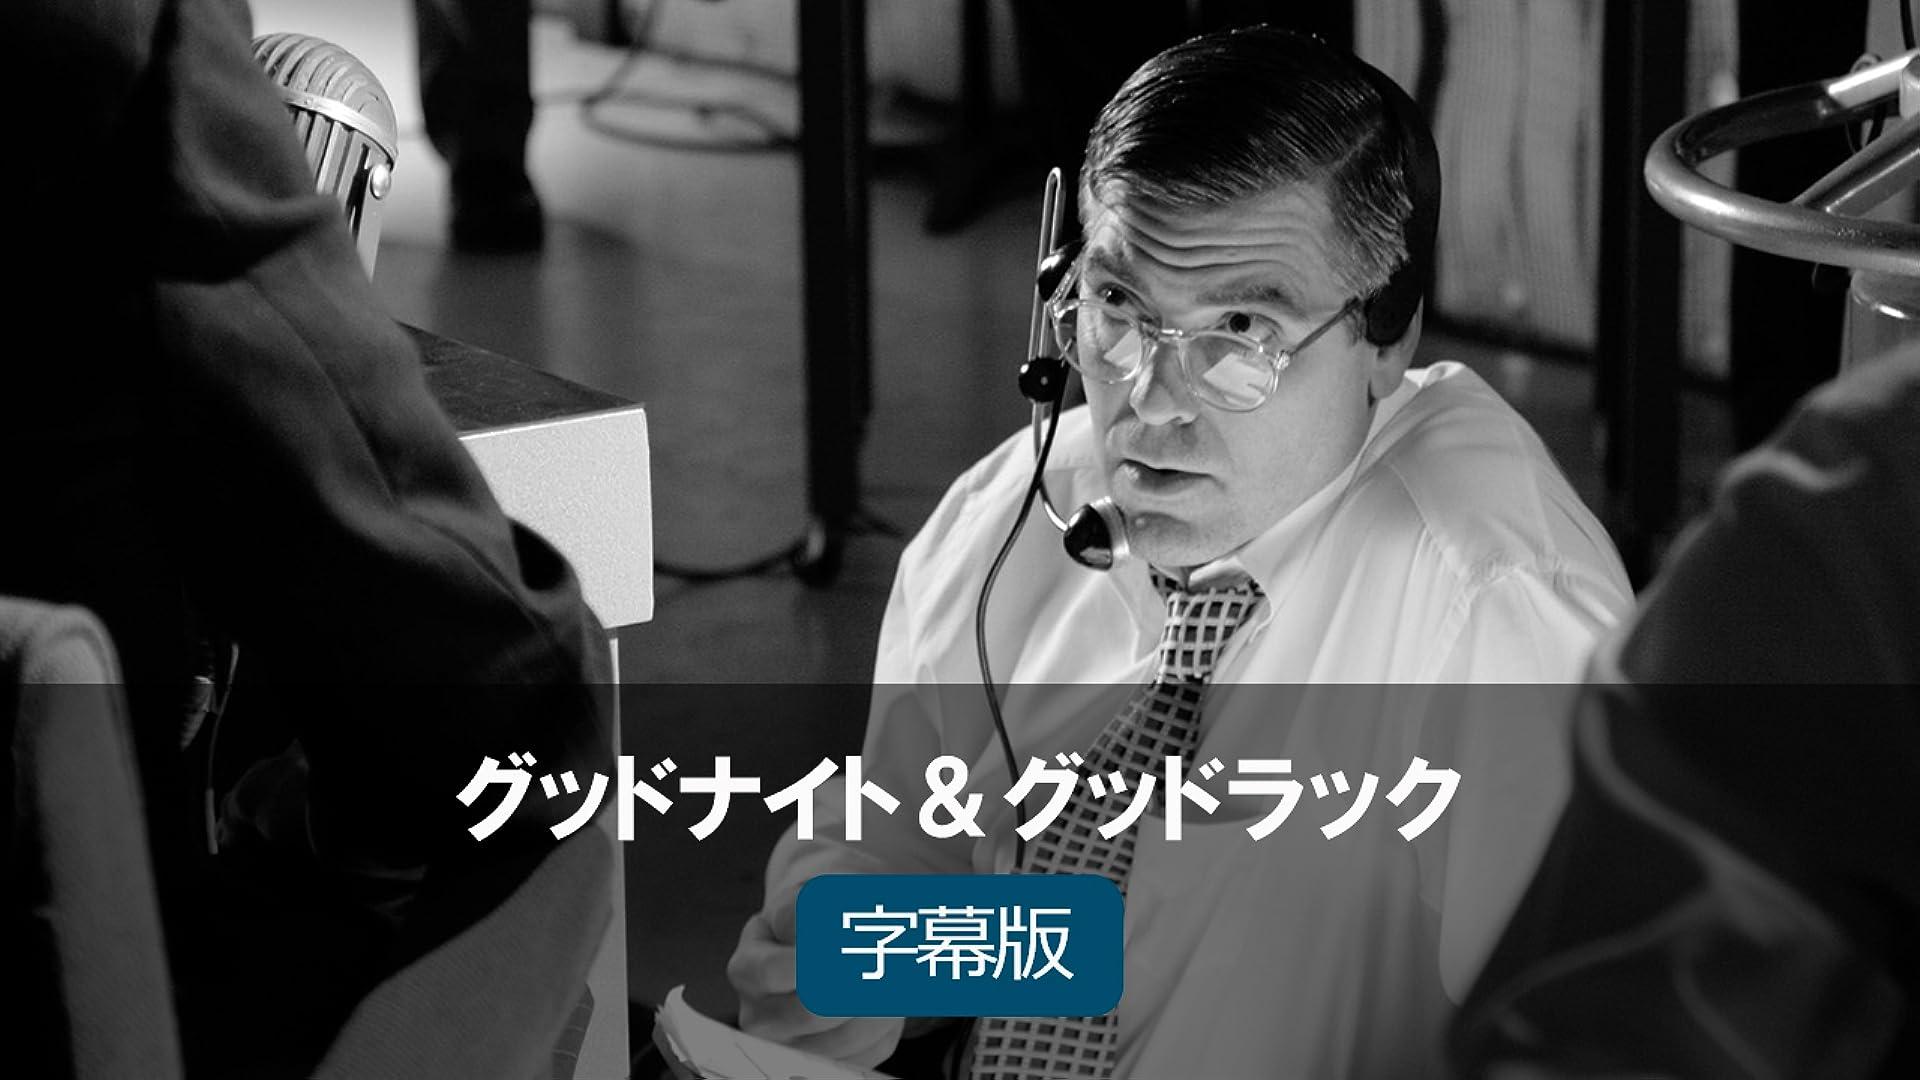 グッドナイト&グッドラック(字幕版)